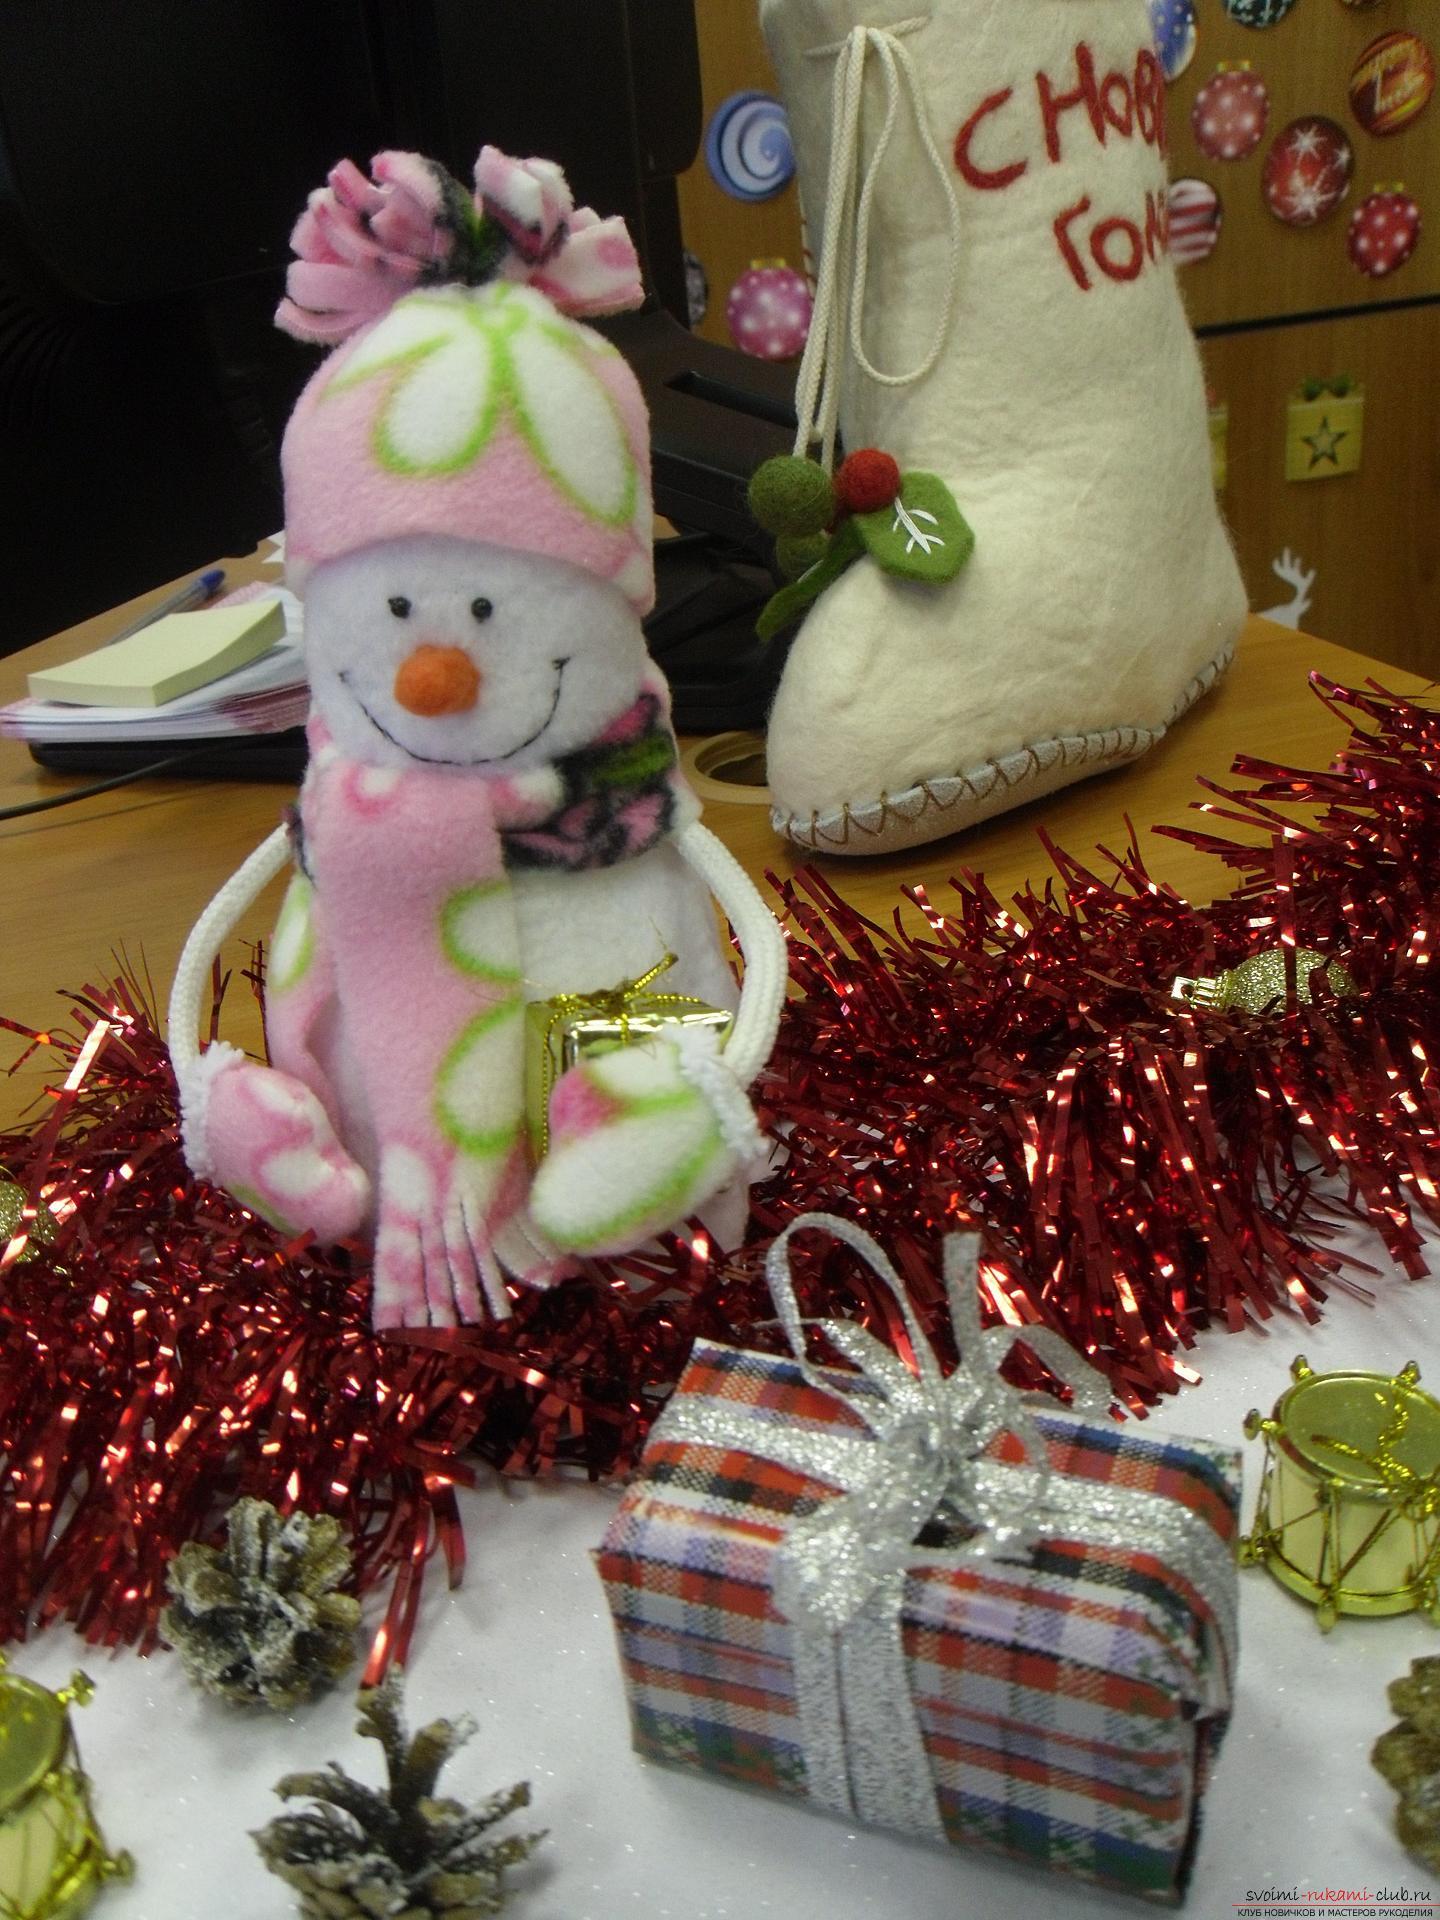 Снеговики из фетра помогут создать новогоднюю обстановку в каждом доме. Поделка на Новый год может быть не купленной в магазине, украшение к новогоднему столу можно сделать своими руками.. Фото №7